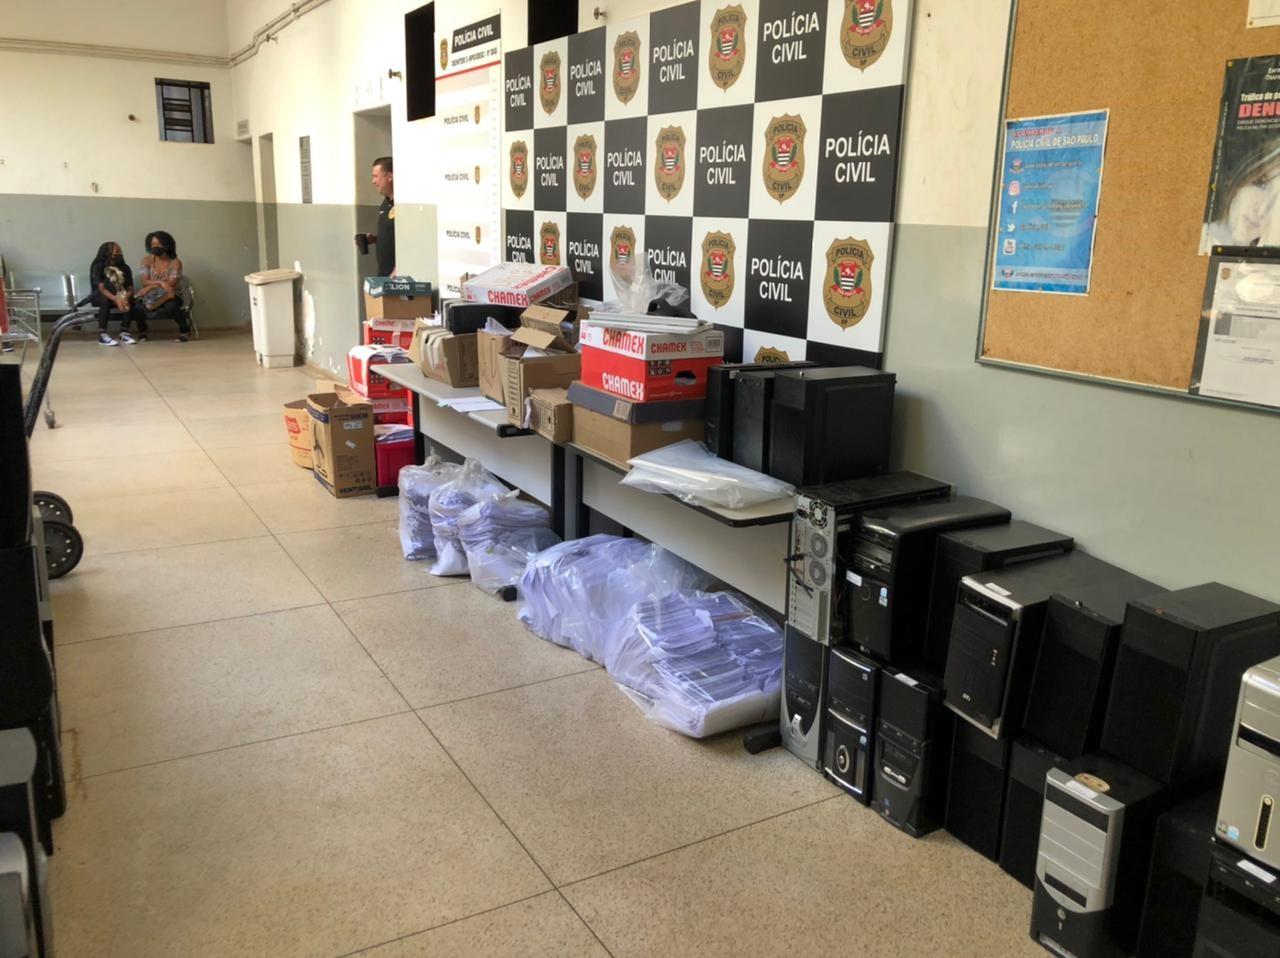 Polícia apreende computadores, celulares e documentos usados para fraudar empréstimos em Ribeirão Preto